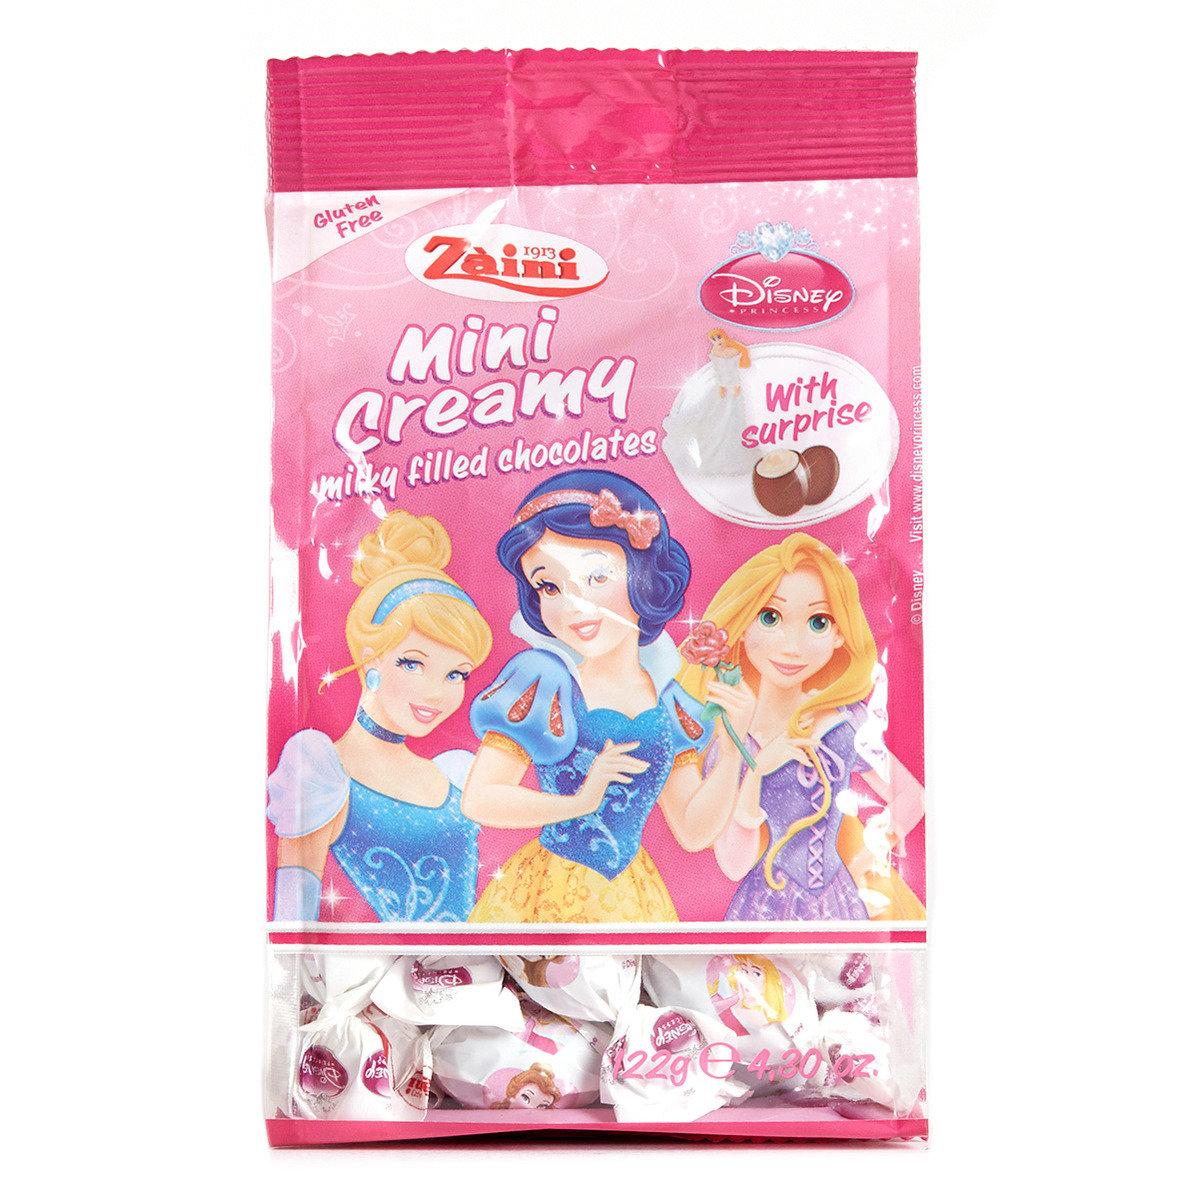 迪士尼公主系列迷你朱古力蛋